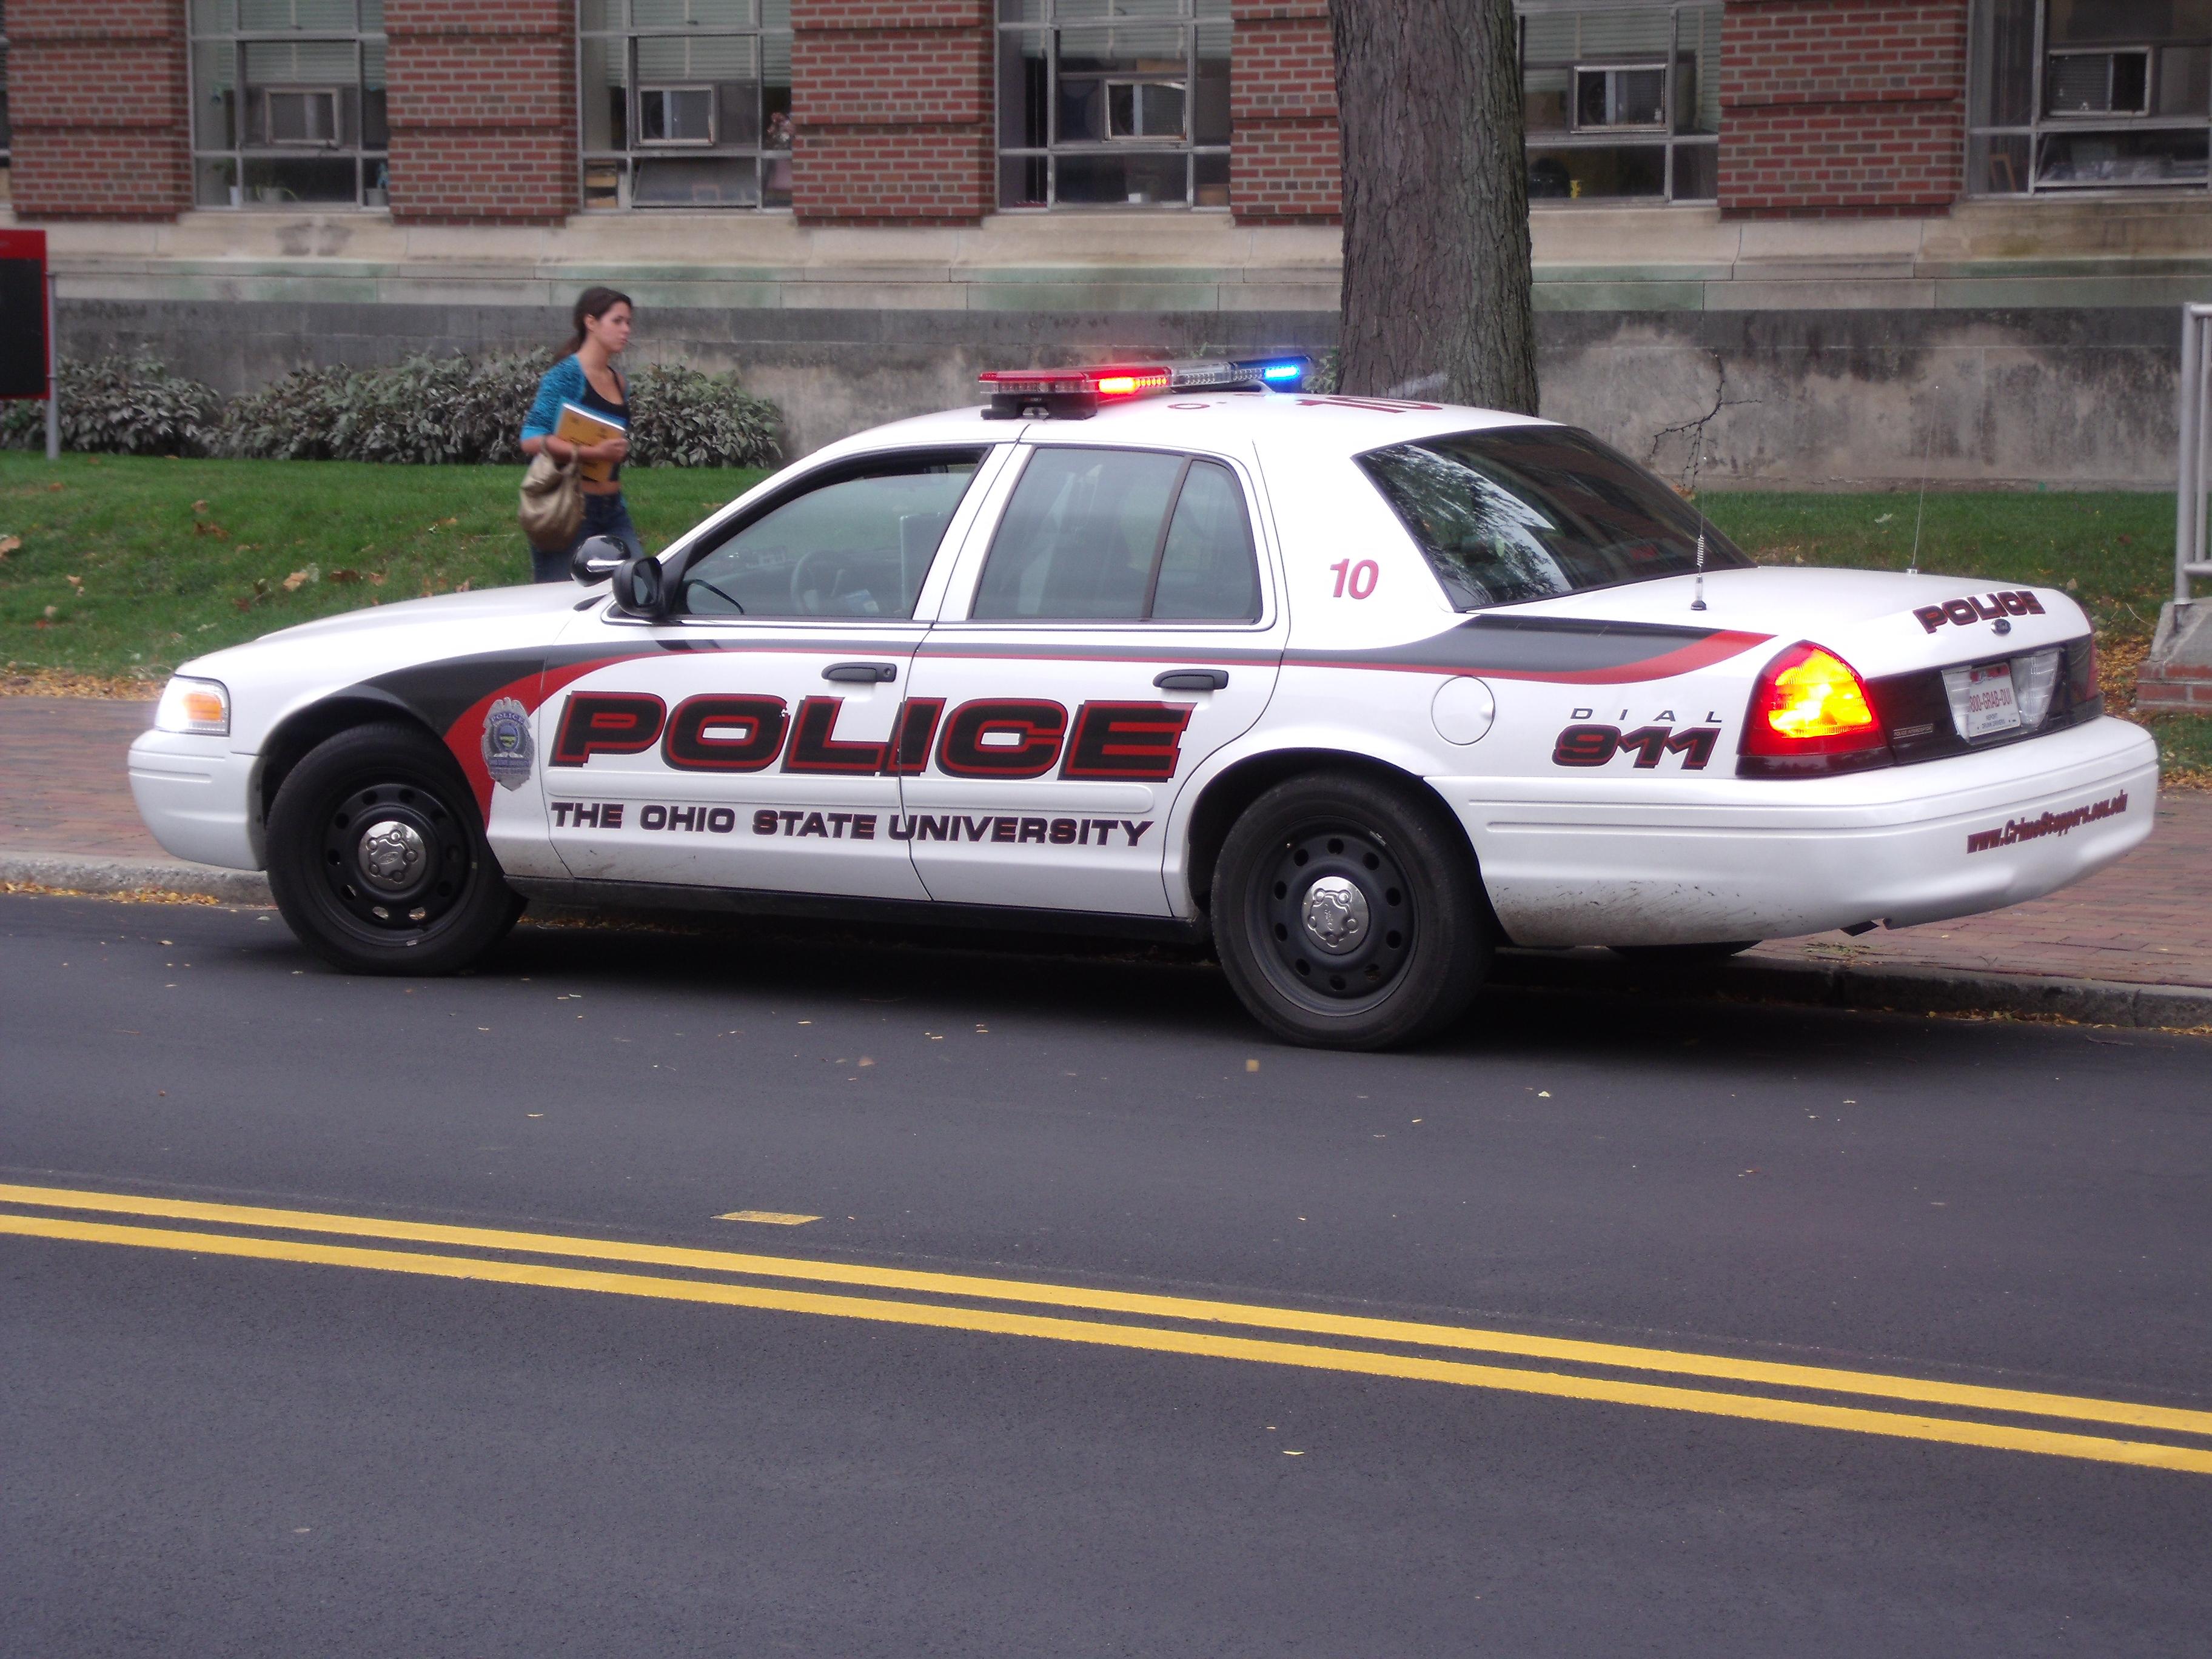 OSU_Police_Cruiser